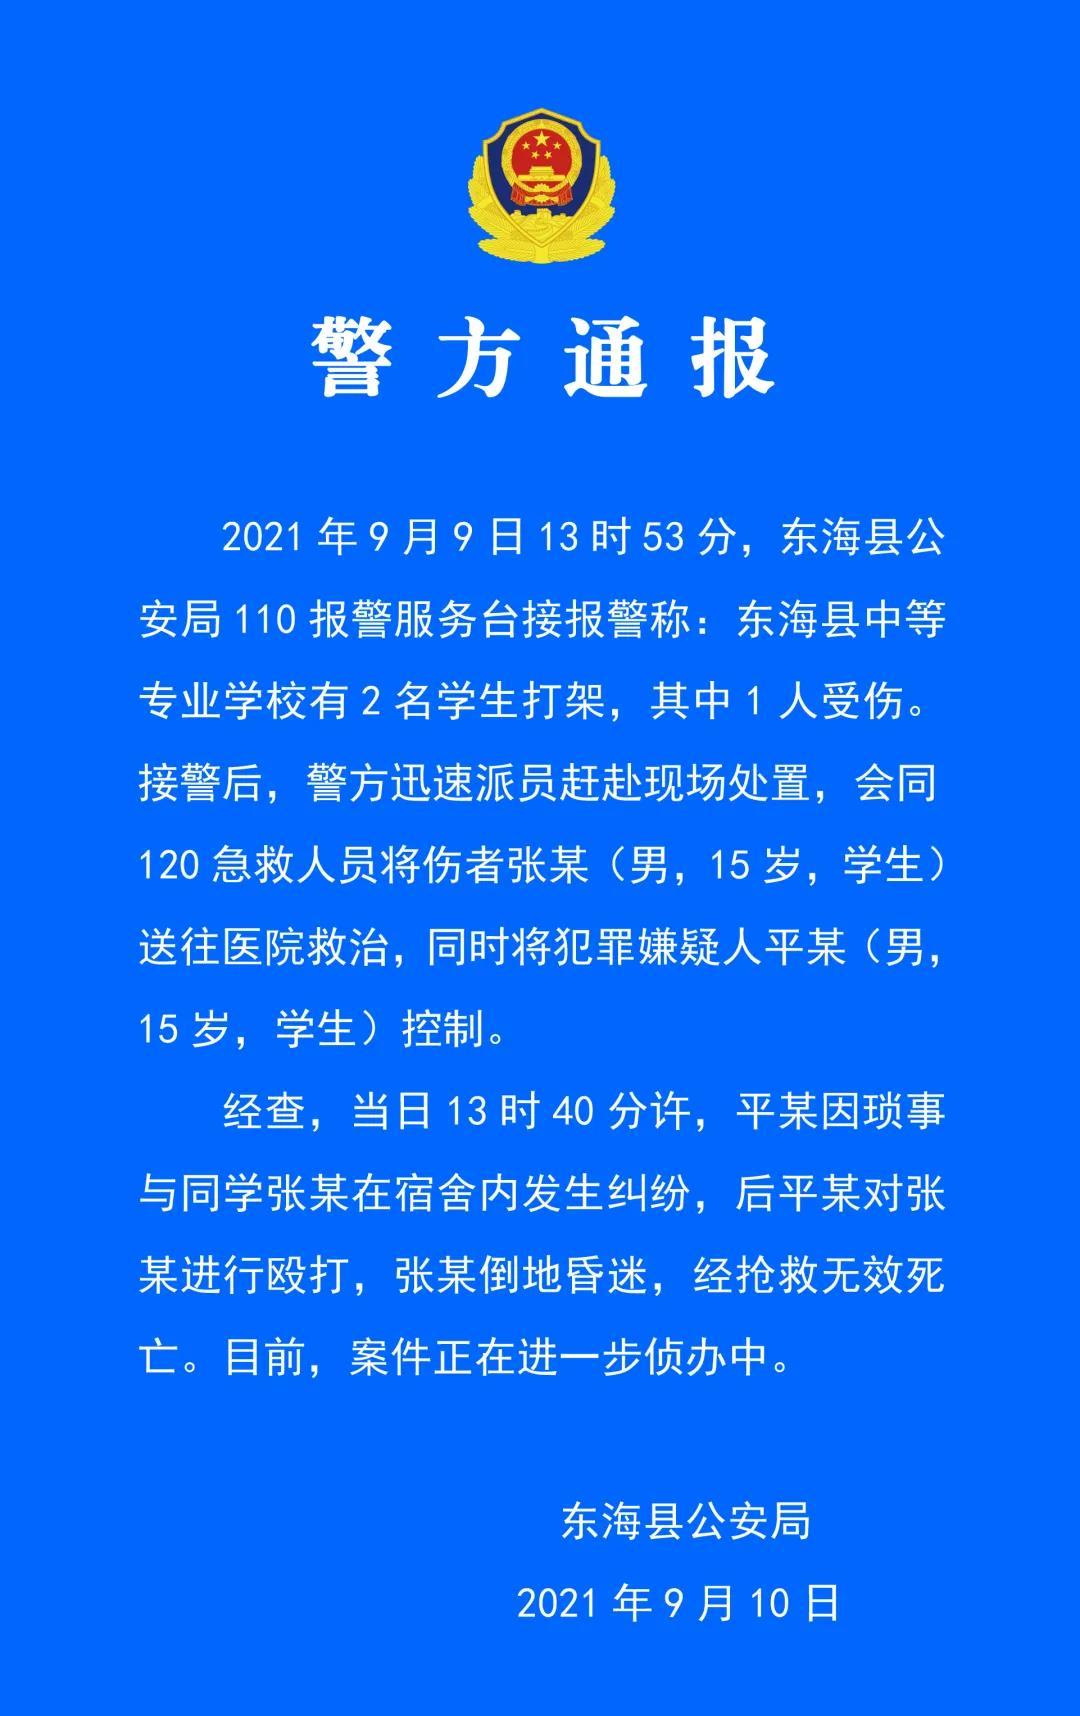 连云港一15岁男孩学校内被同学殴打致死 警方:已控制嫌疑人